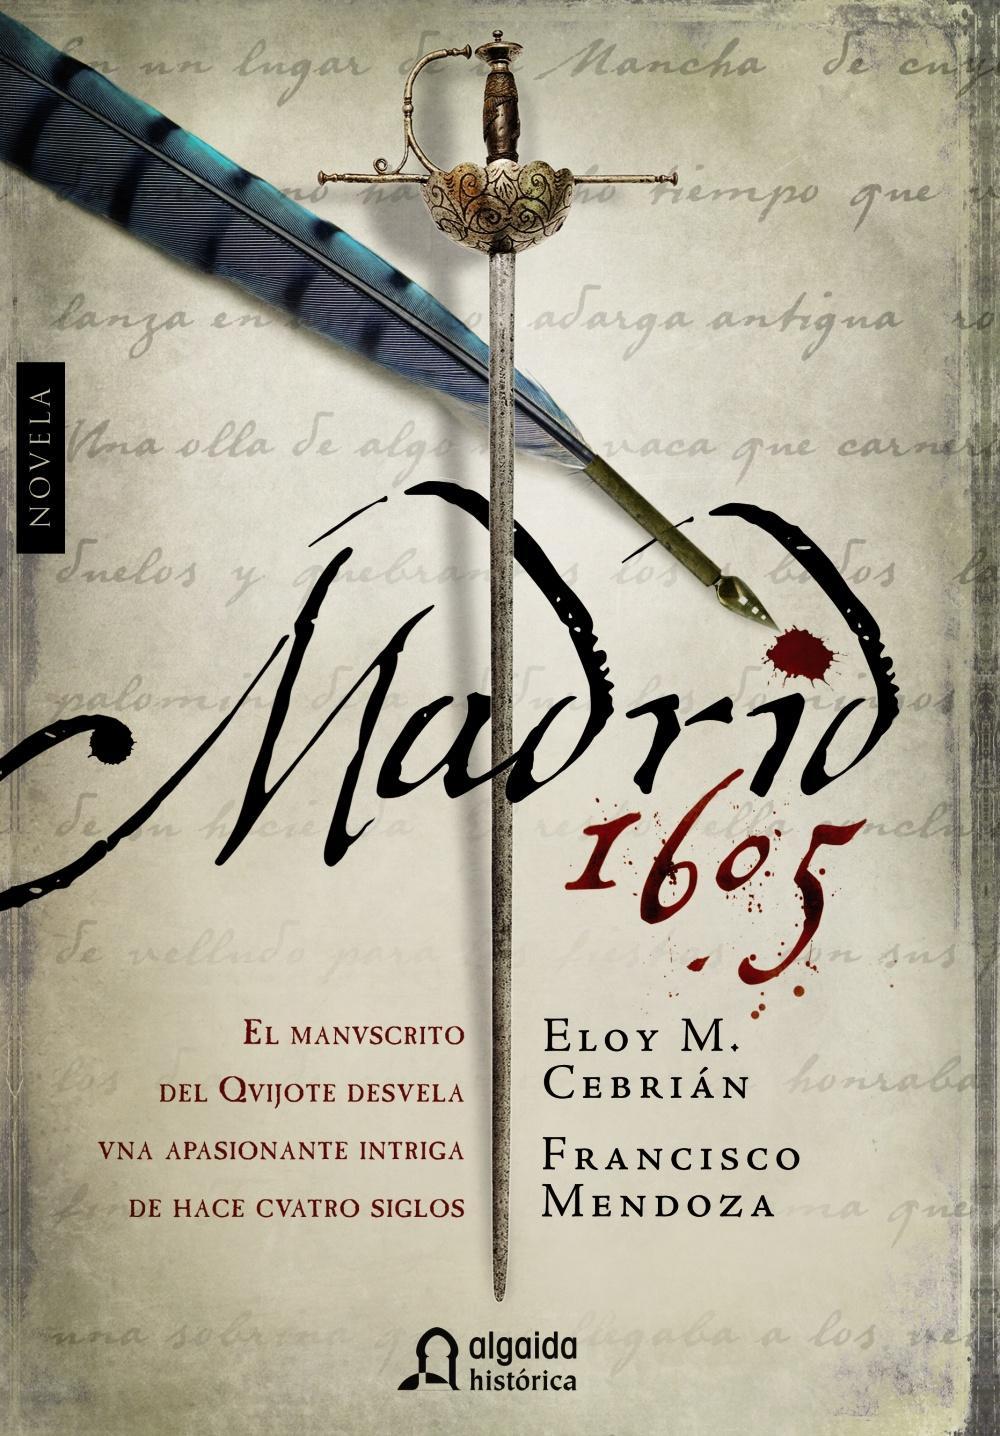 Madrid 1605 - Eloy M. Cebrián y Francisco Mendoza